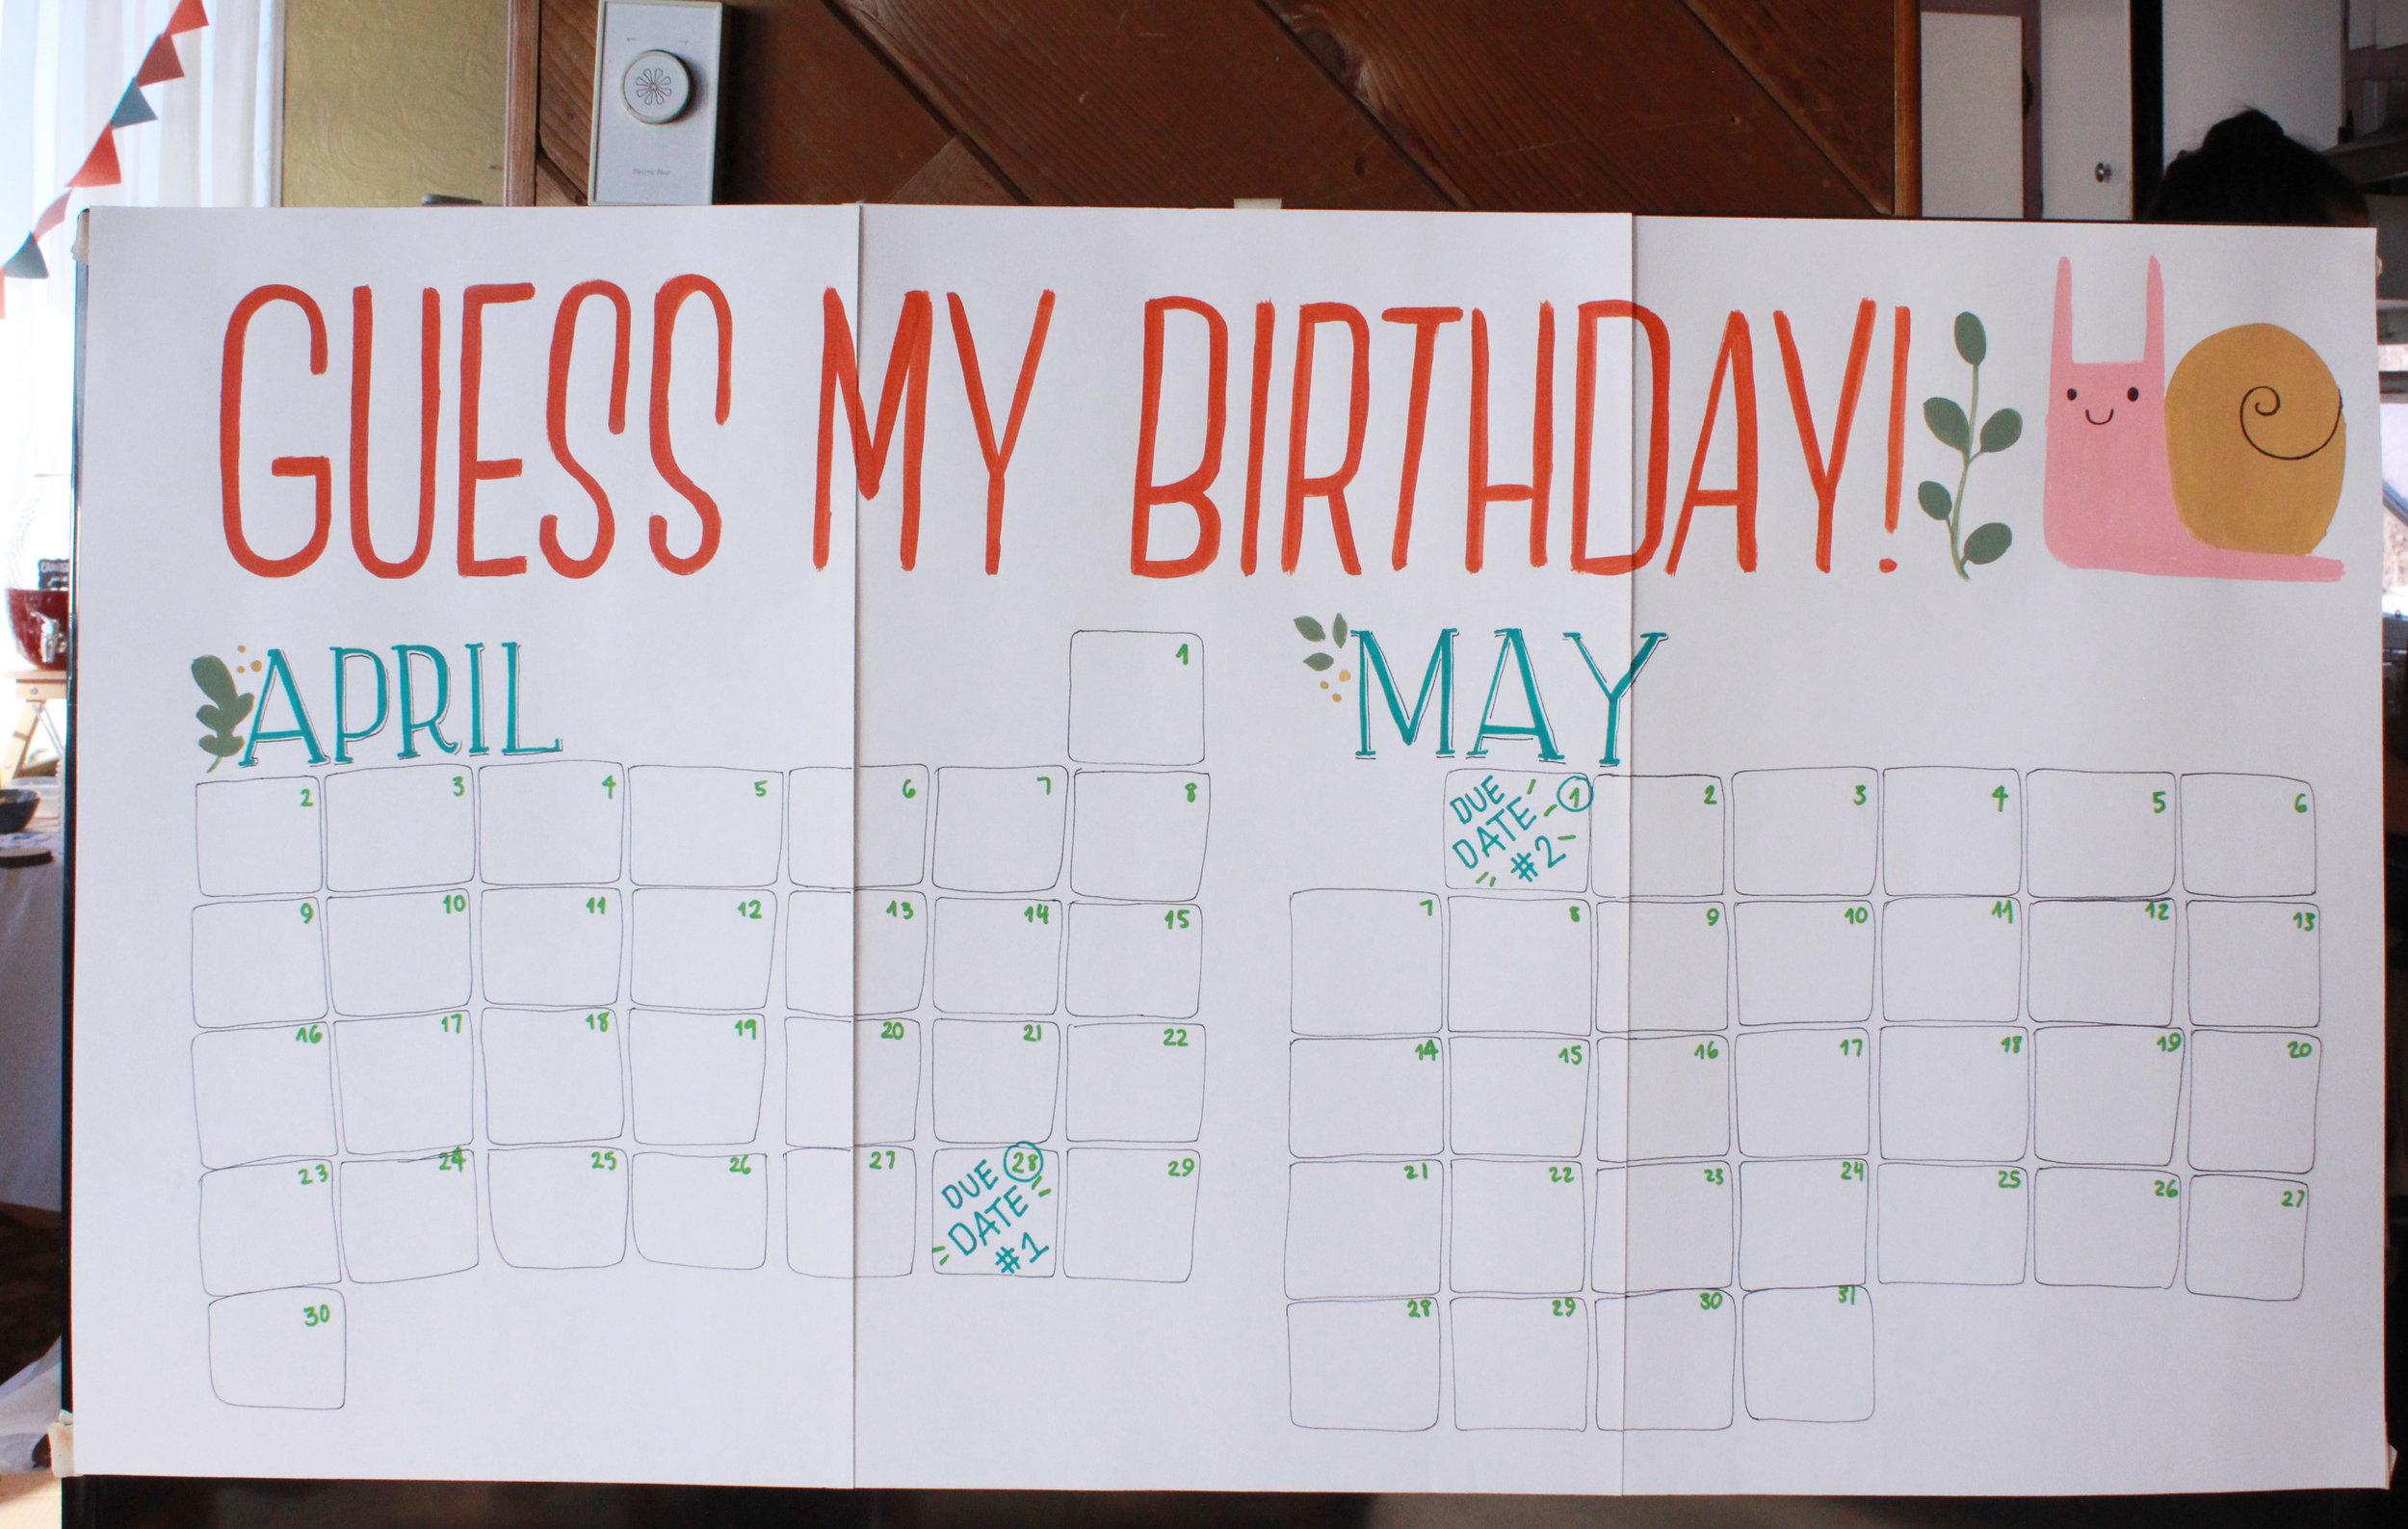 AbiReid_Guess my birthday